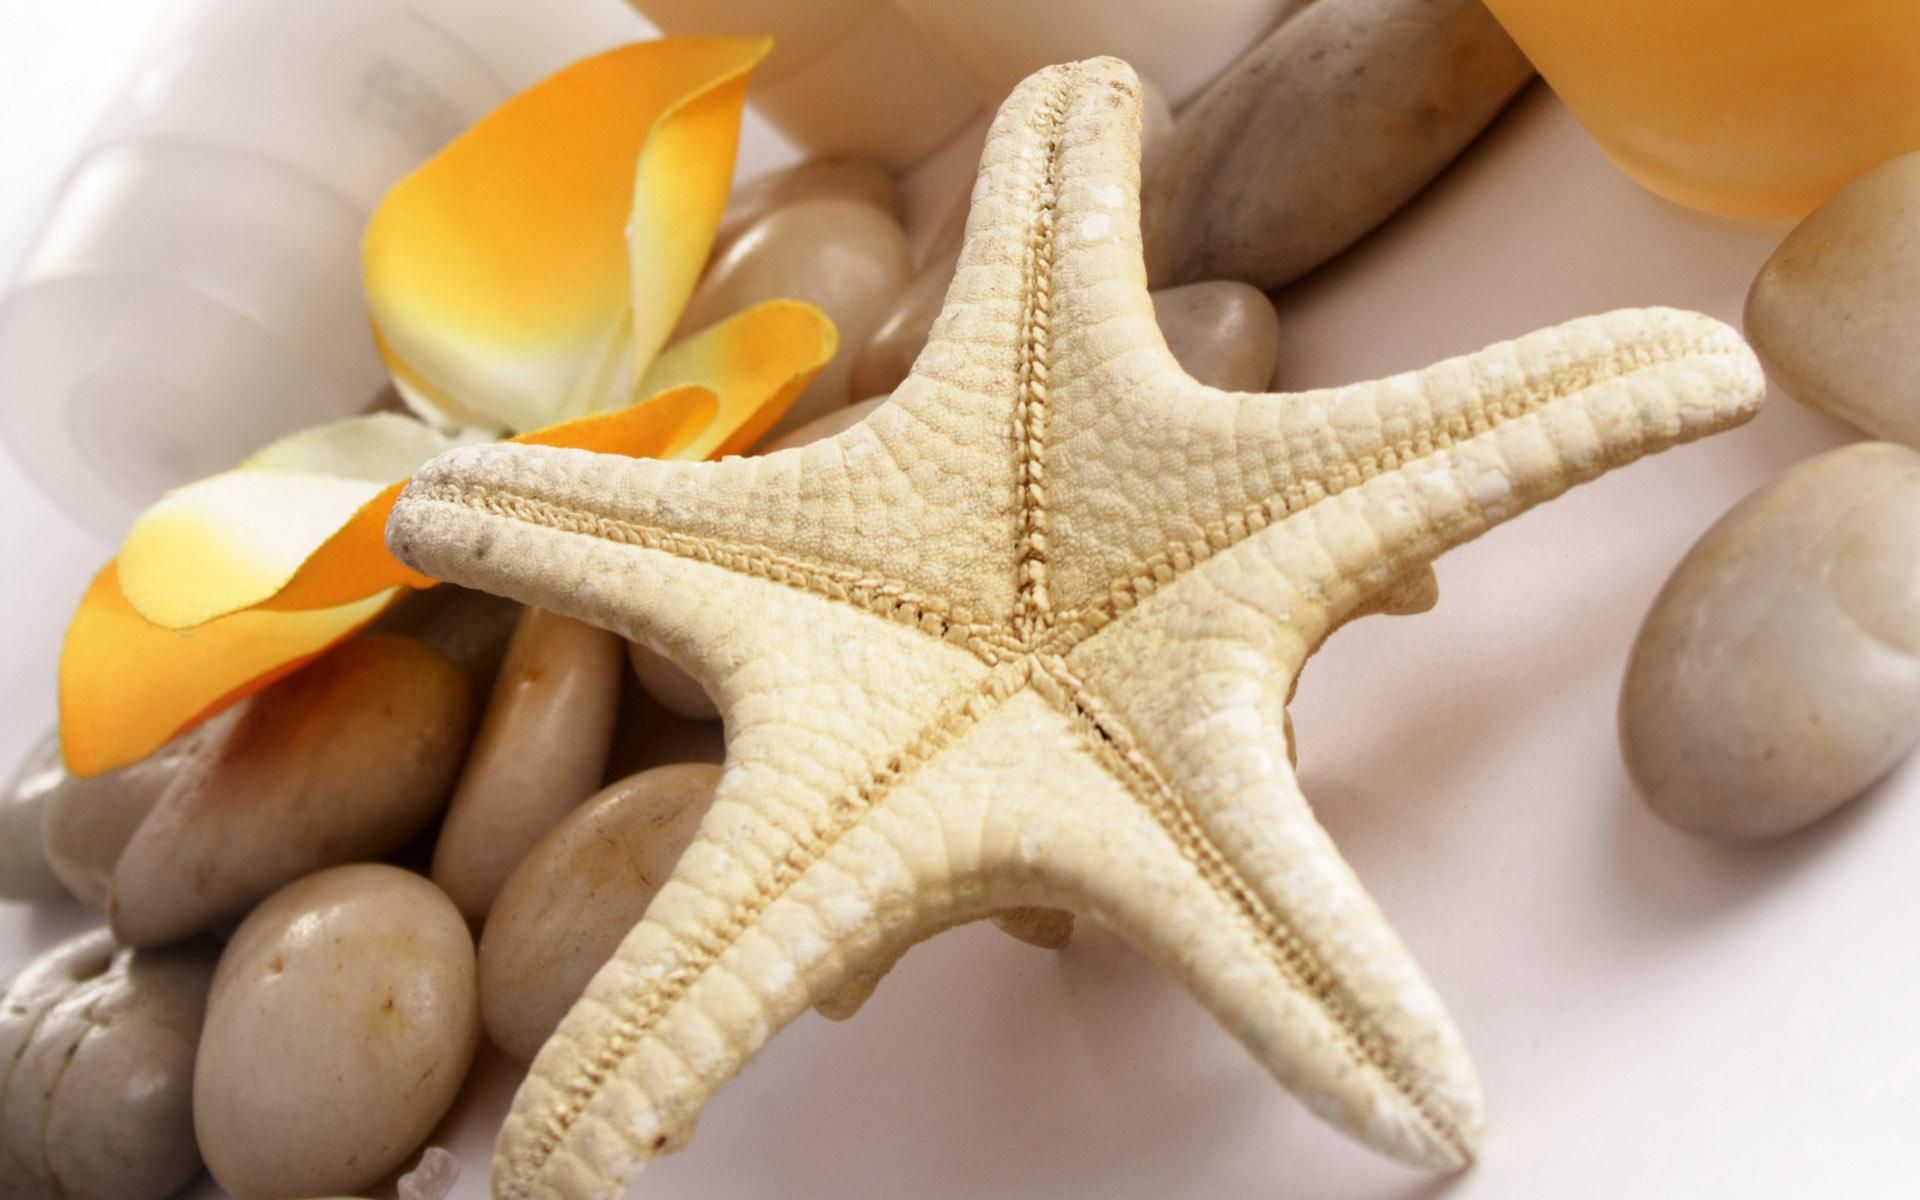 Sfondi hd bellissimi animali stella marina sfondi hd for Sfondi animali hd